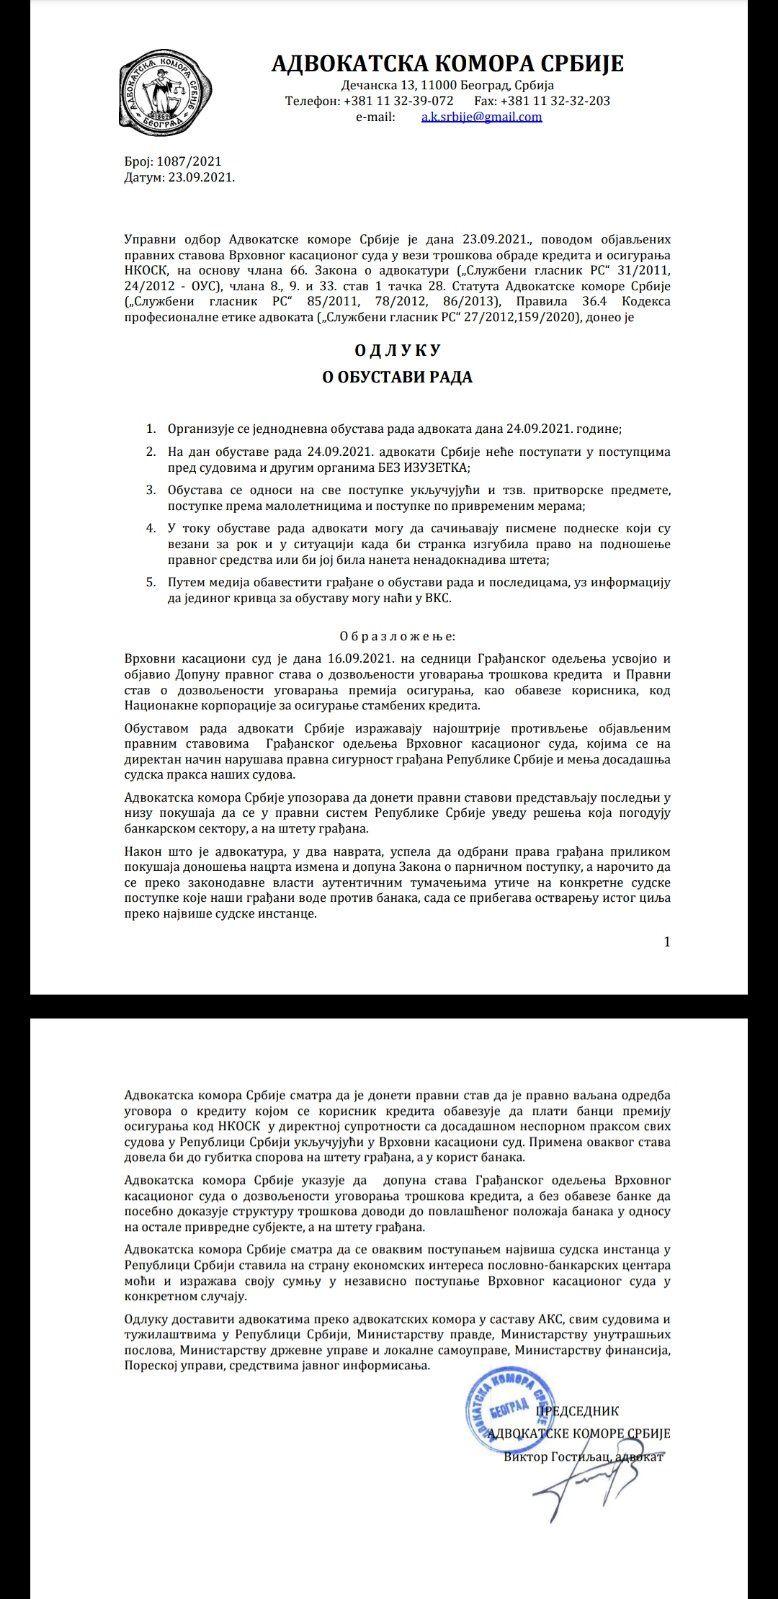 Advokatska komora Srbije: Sutra obustava rada